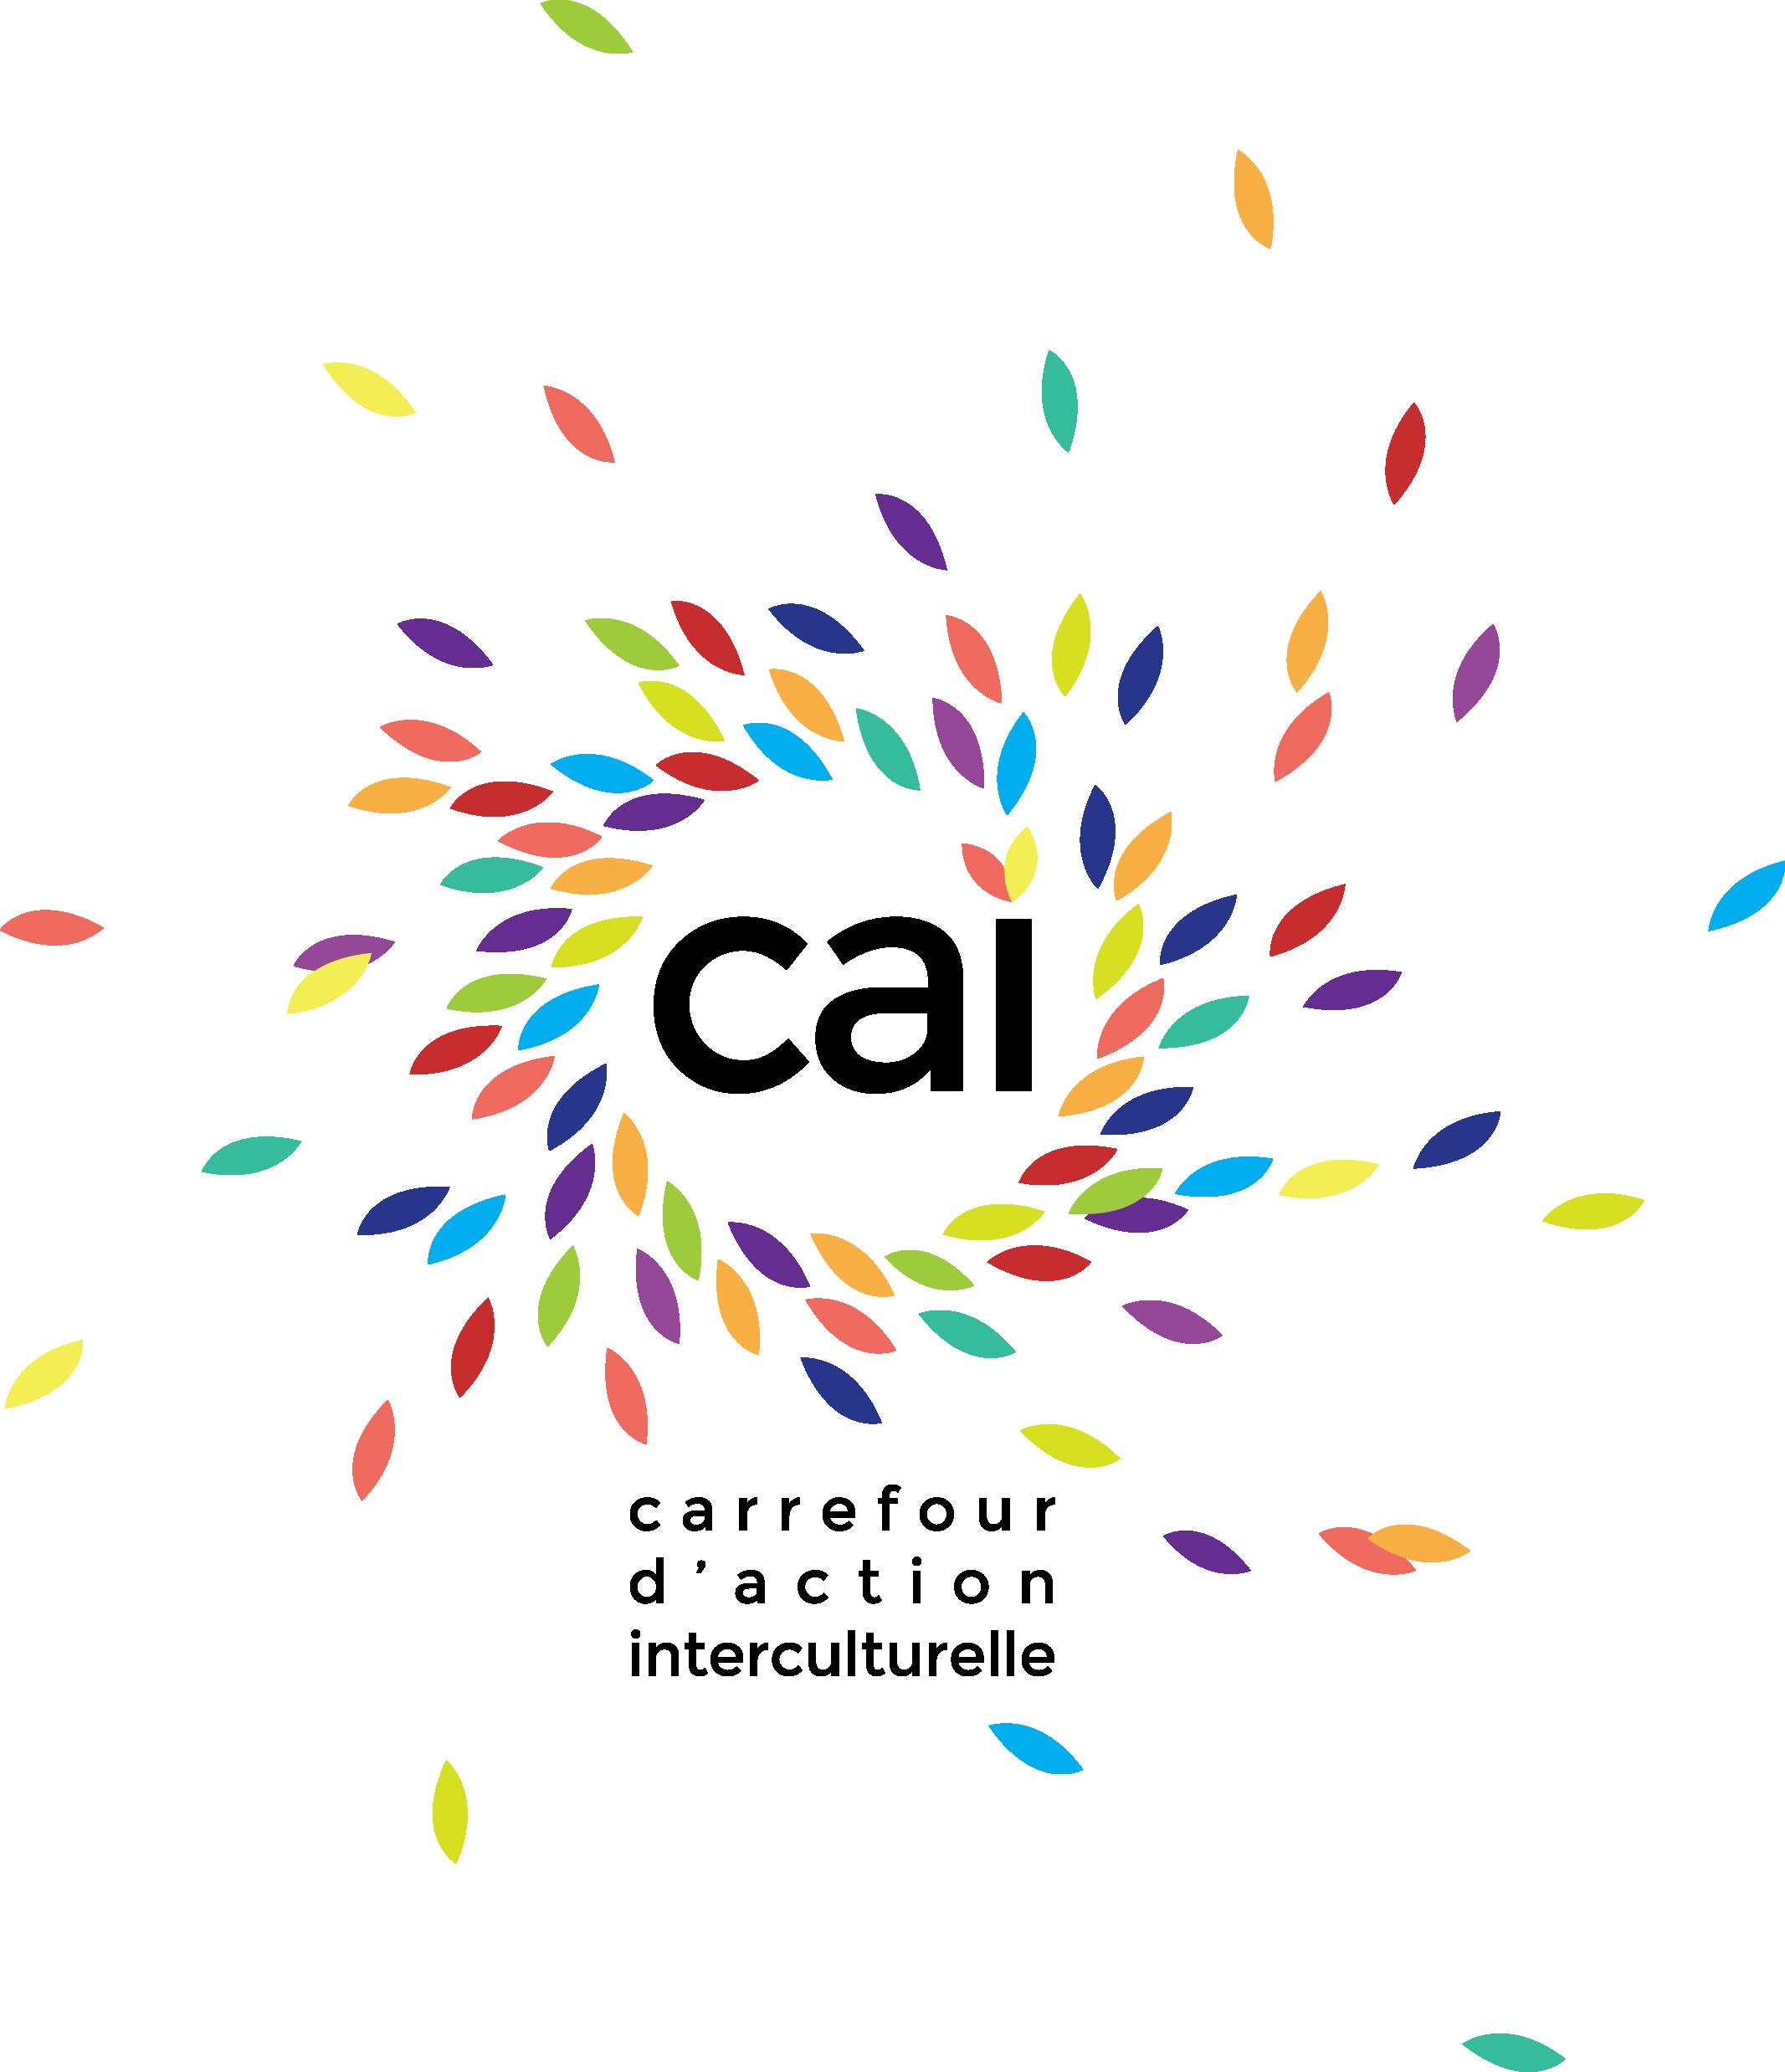 Carrefour d'action interculturel